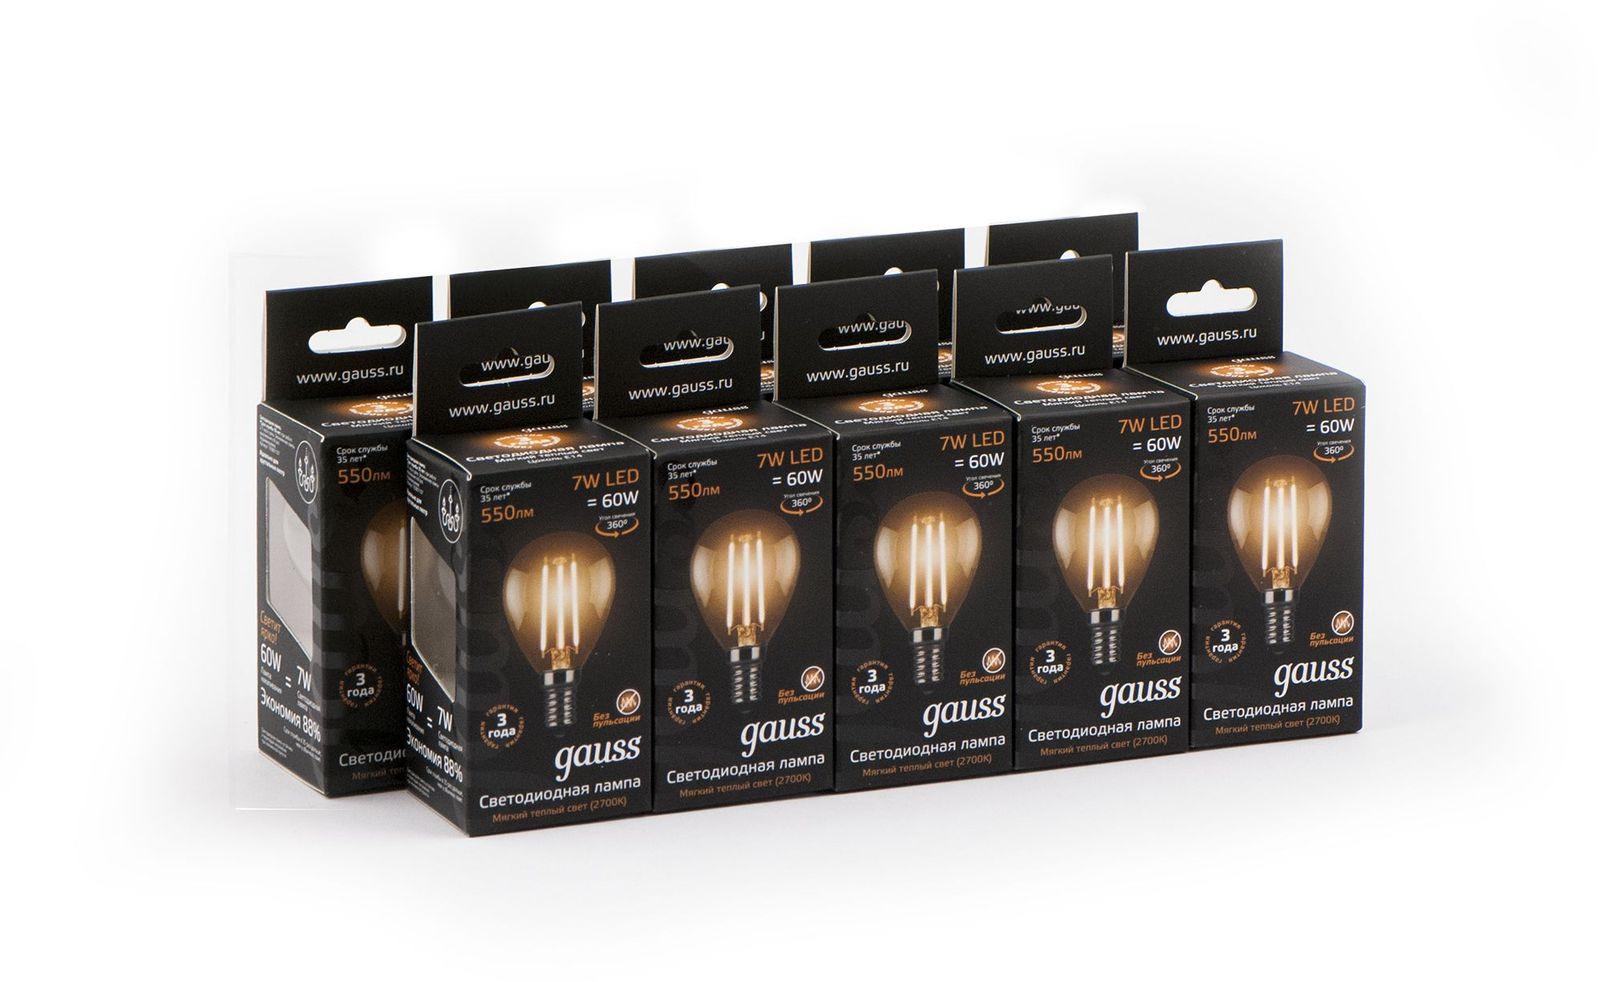 Лампочка Gauss Светодиодная Black Filament Шар 10 шт, Теплый свет 7 Вт, Светодиодная лампочка gauss filament e14 свеча 7w 550lm 2700k step dimmable 103801107 s